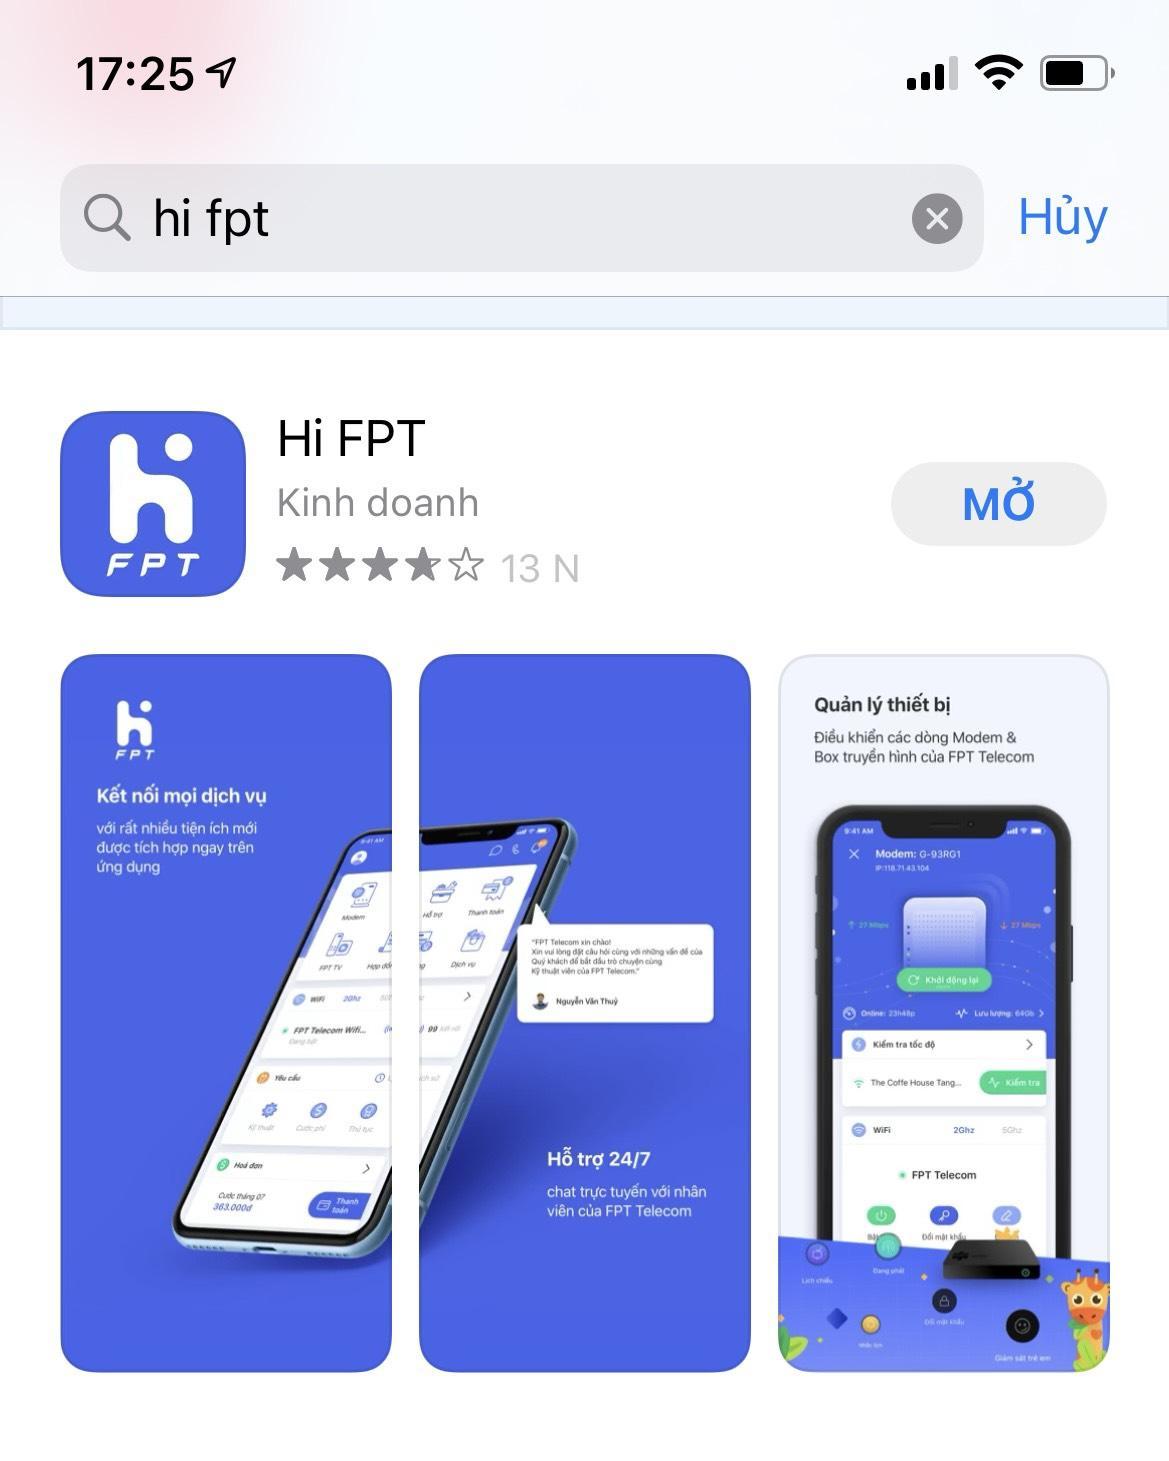 ứng dụng hi fpt